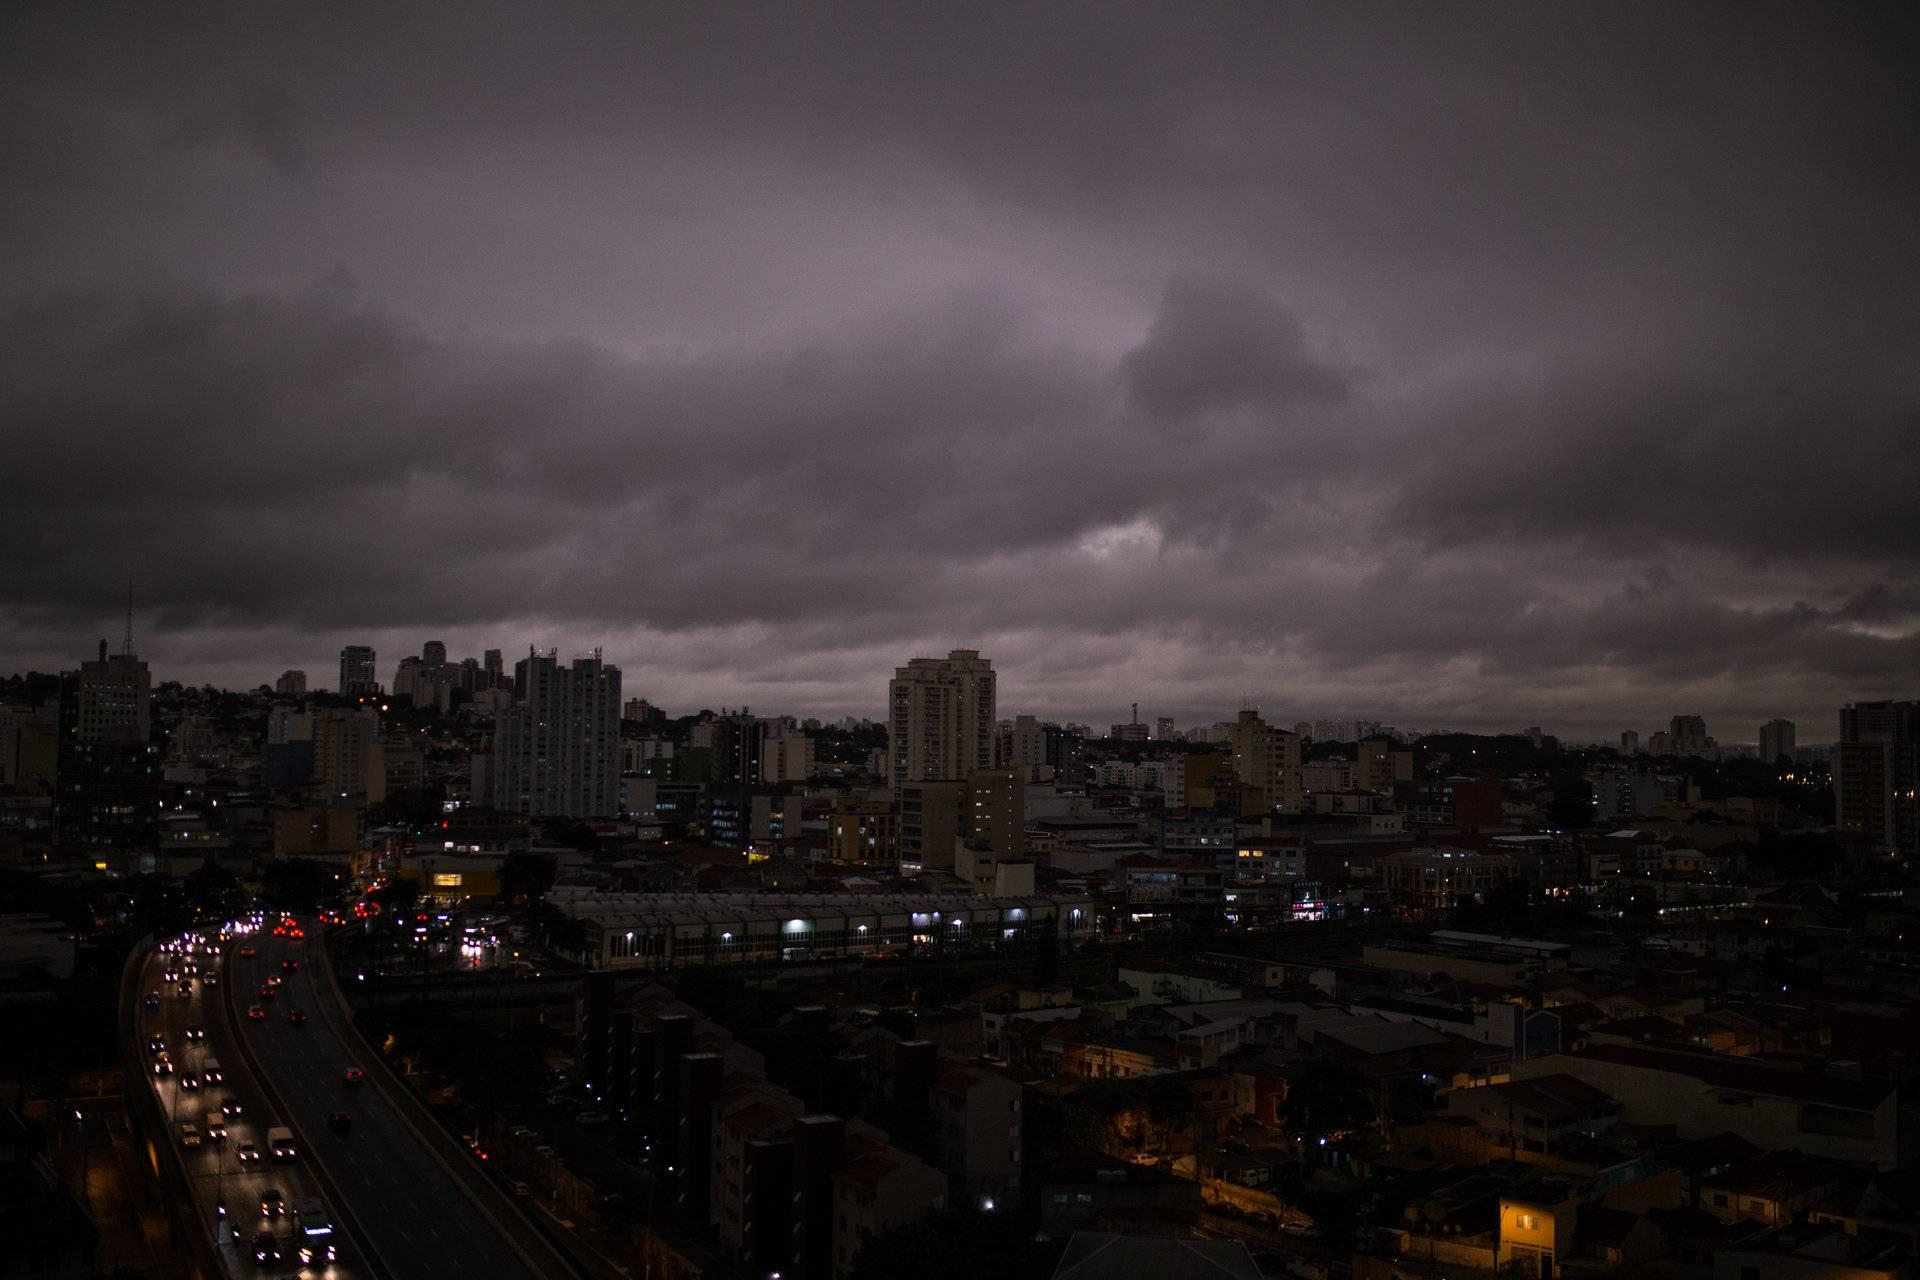 Incendio del Amazonas crea gigantesca nube de humo en Sao Paulo